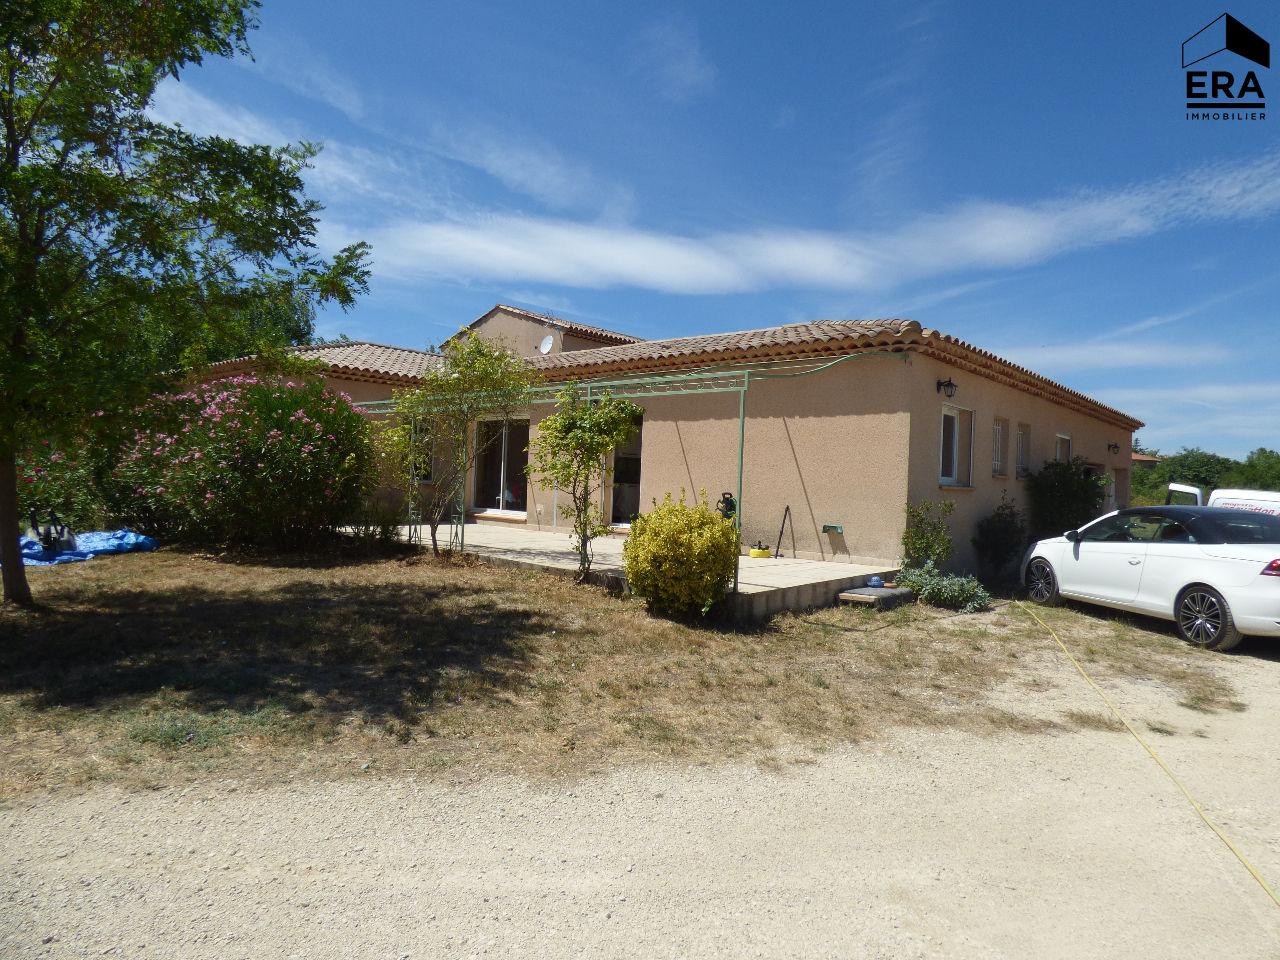 Location Maison Aix En Provence 13090 Sur Le Partenaire